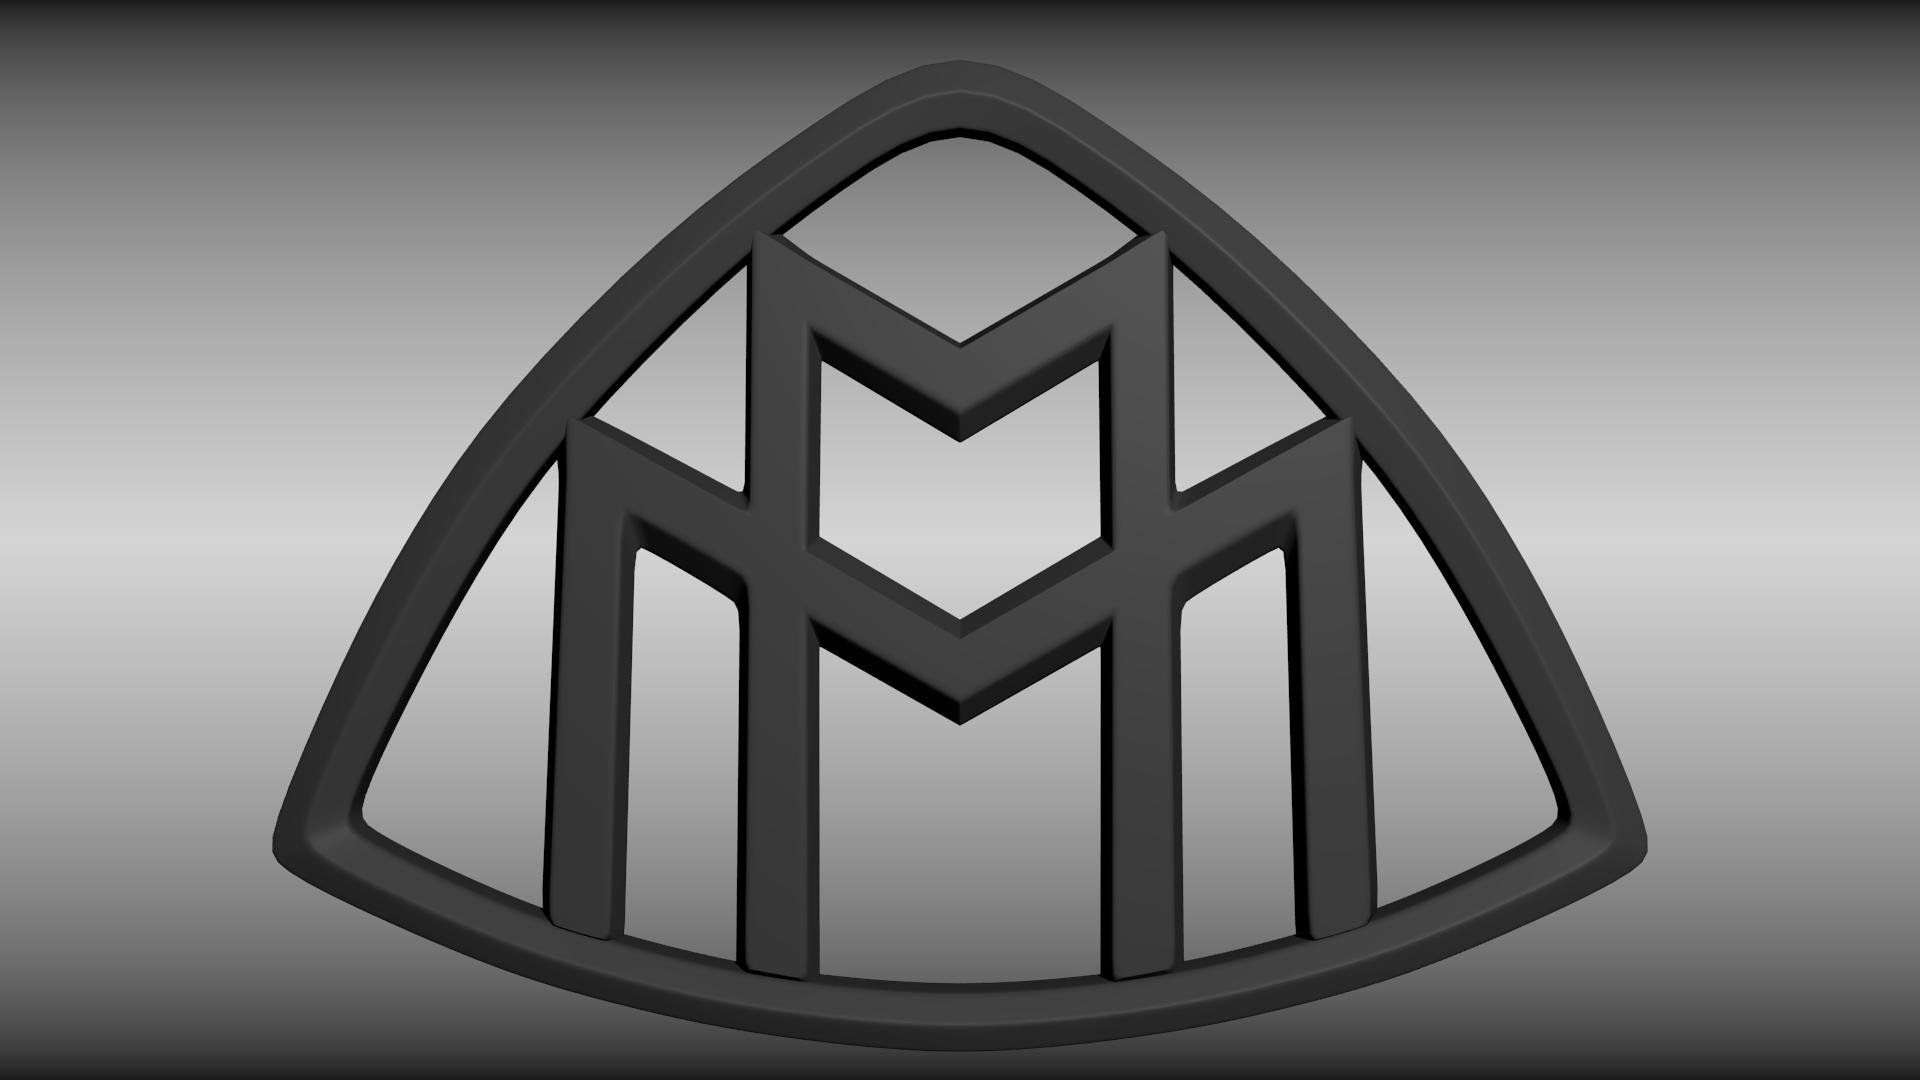 maybach logo 3d model obj blend cgtradercom